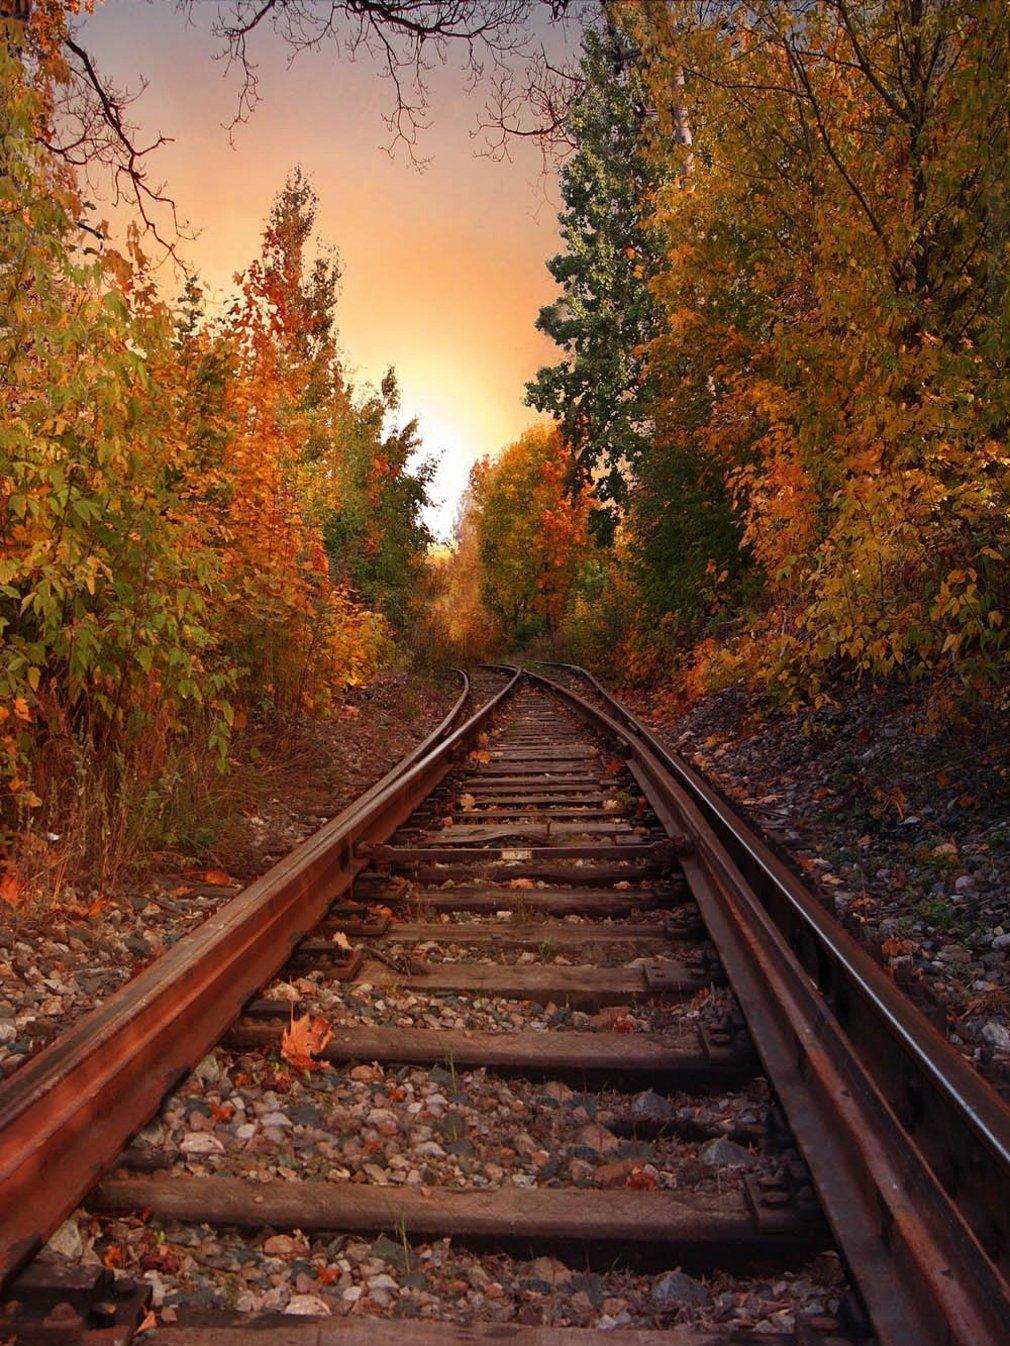 compre paisagem de fundo de ferrovia paisagem de outono paisagem de